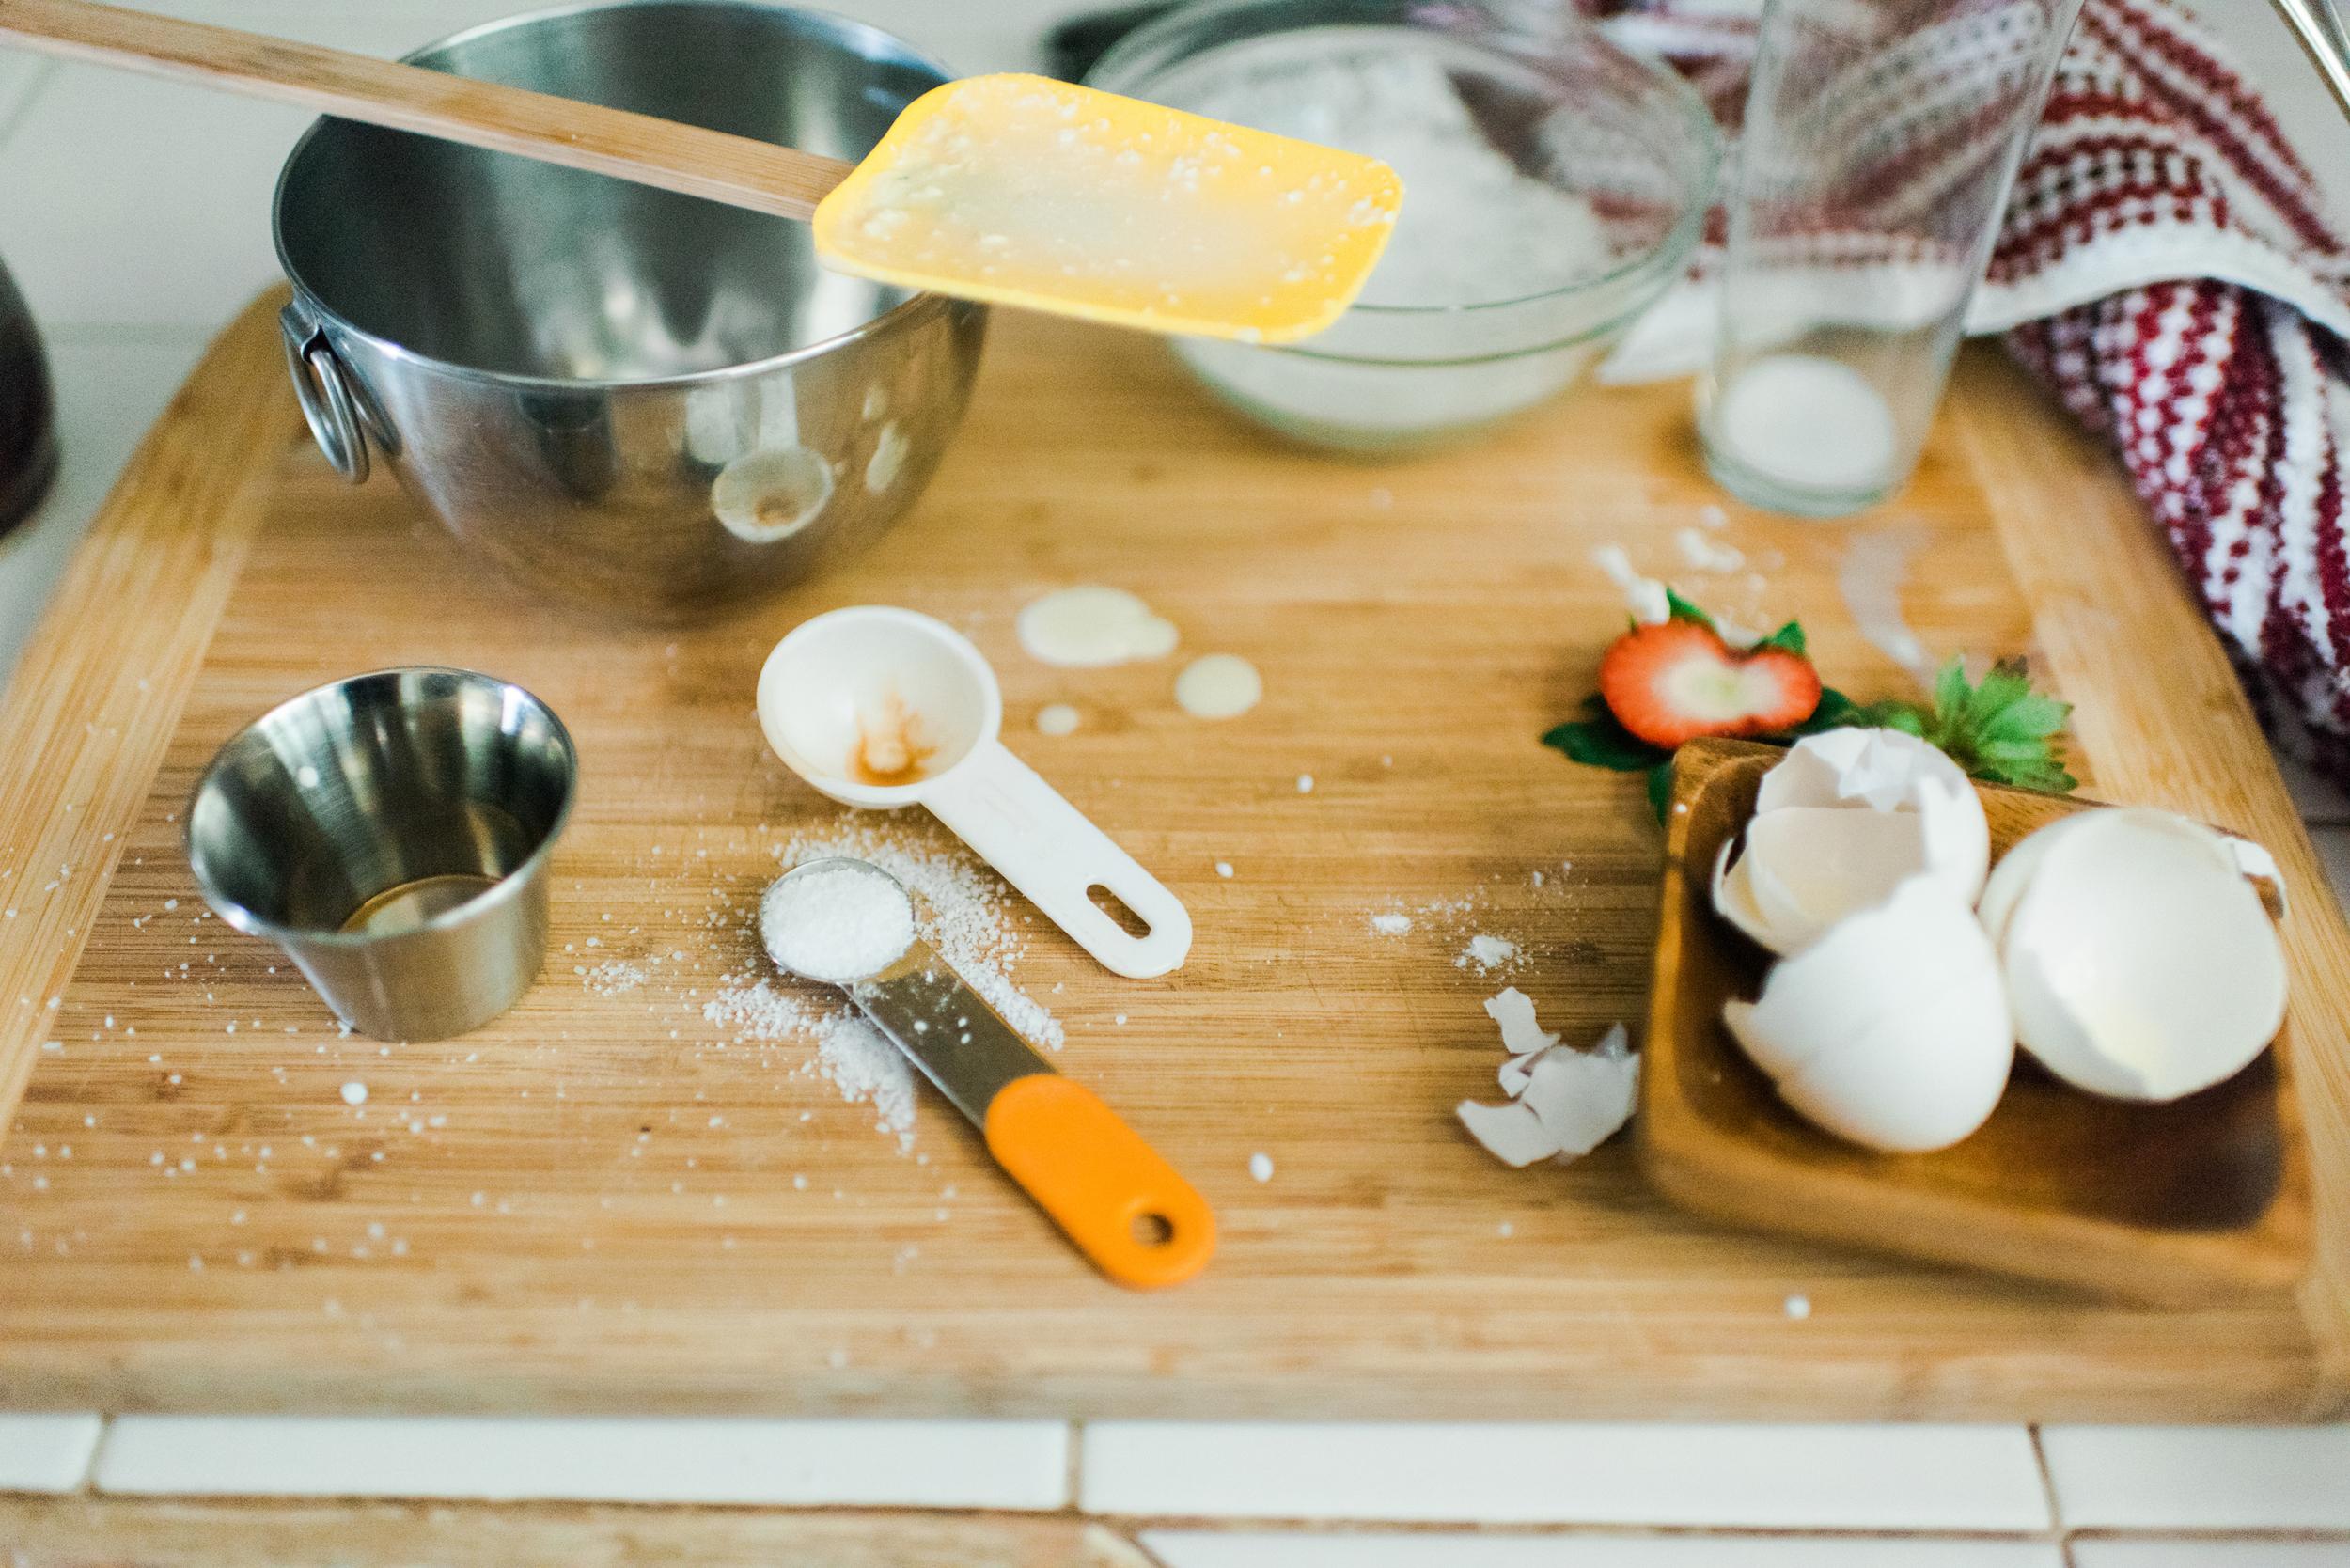 the-best-homemade-crepe-recipe-the-spice-girl-blog (27 of 36).jpg